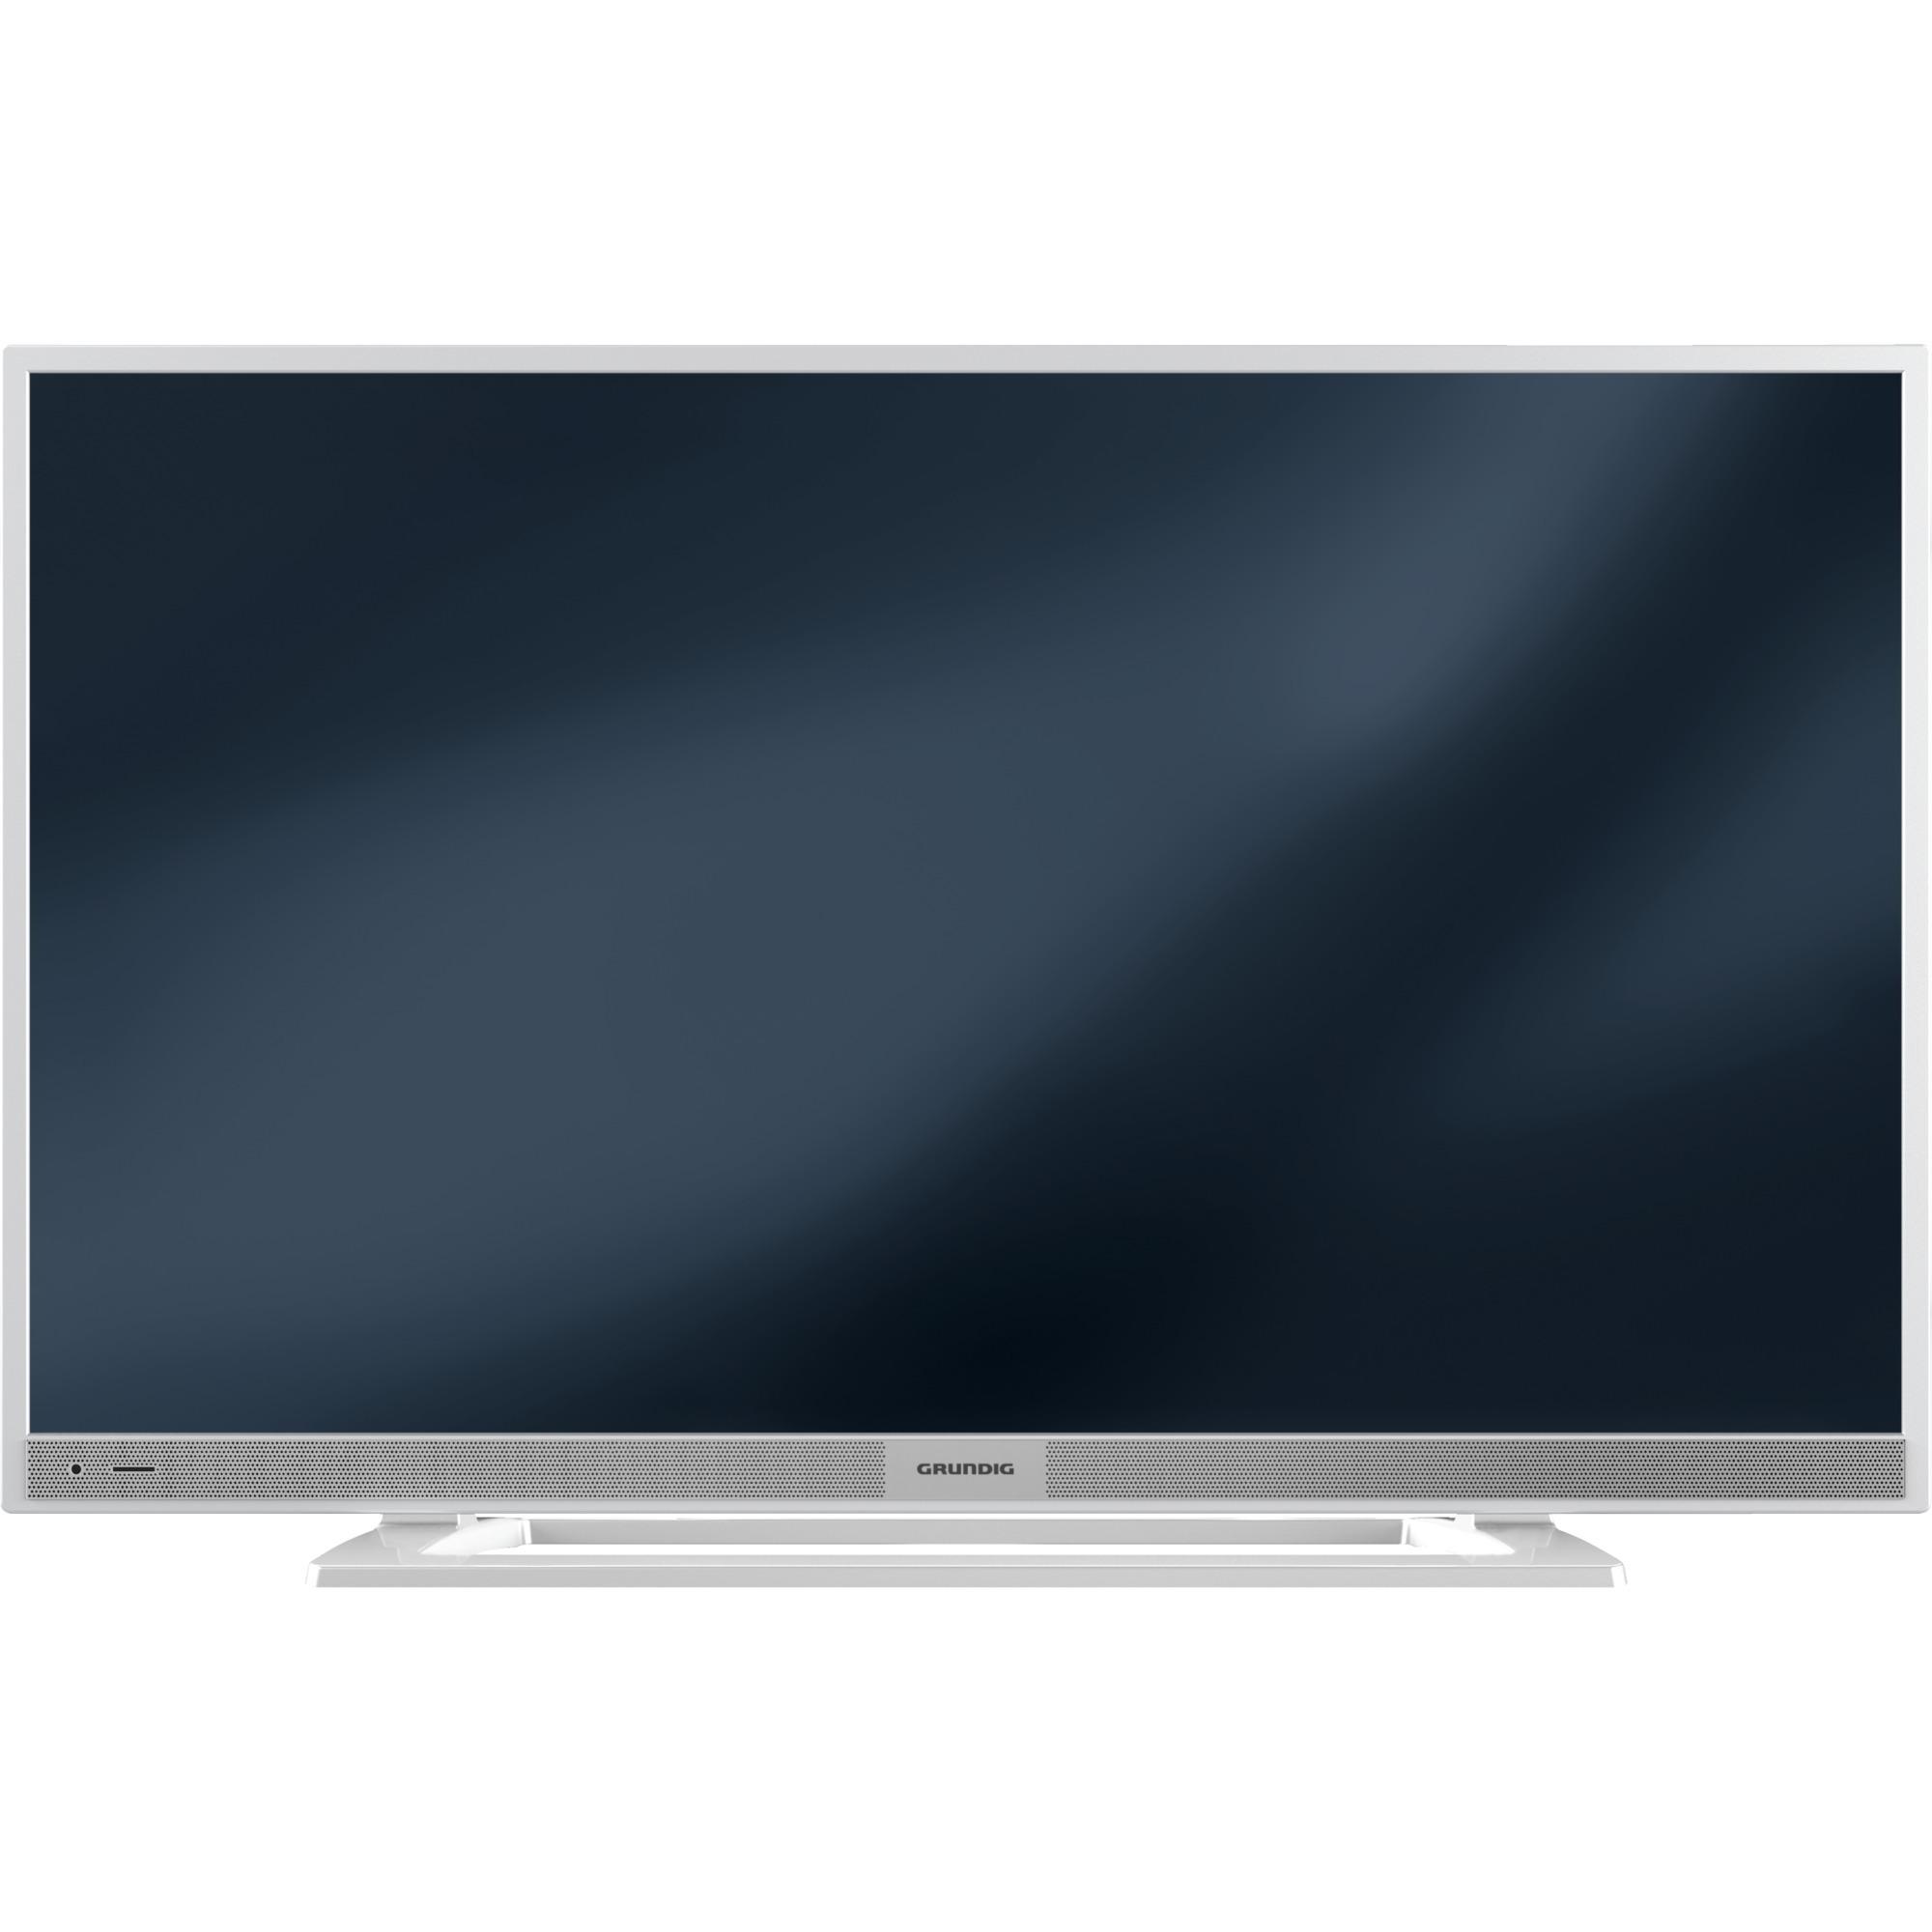 22GFW5620, Televisor LED